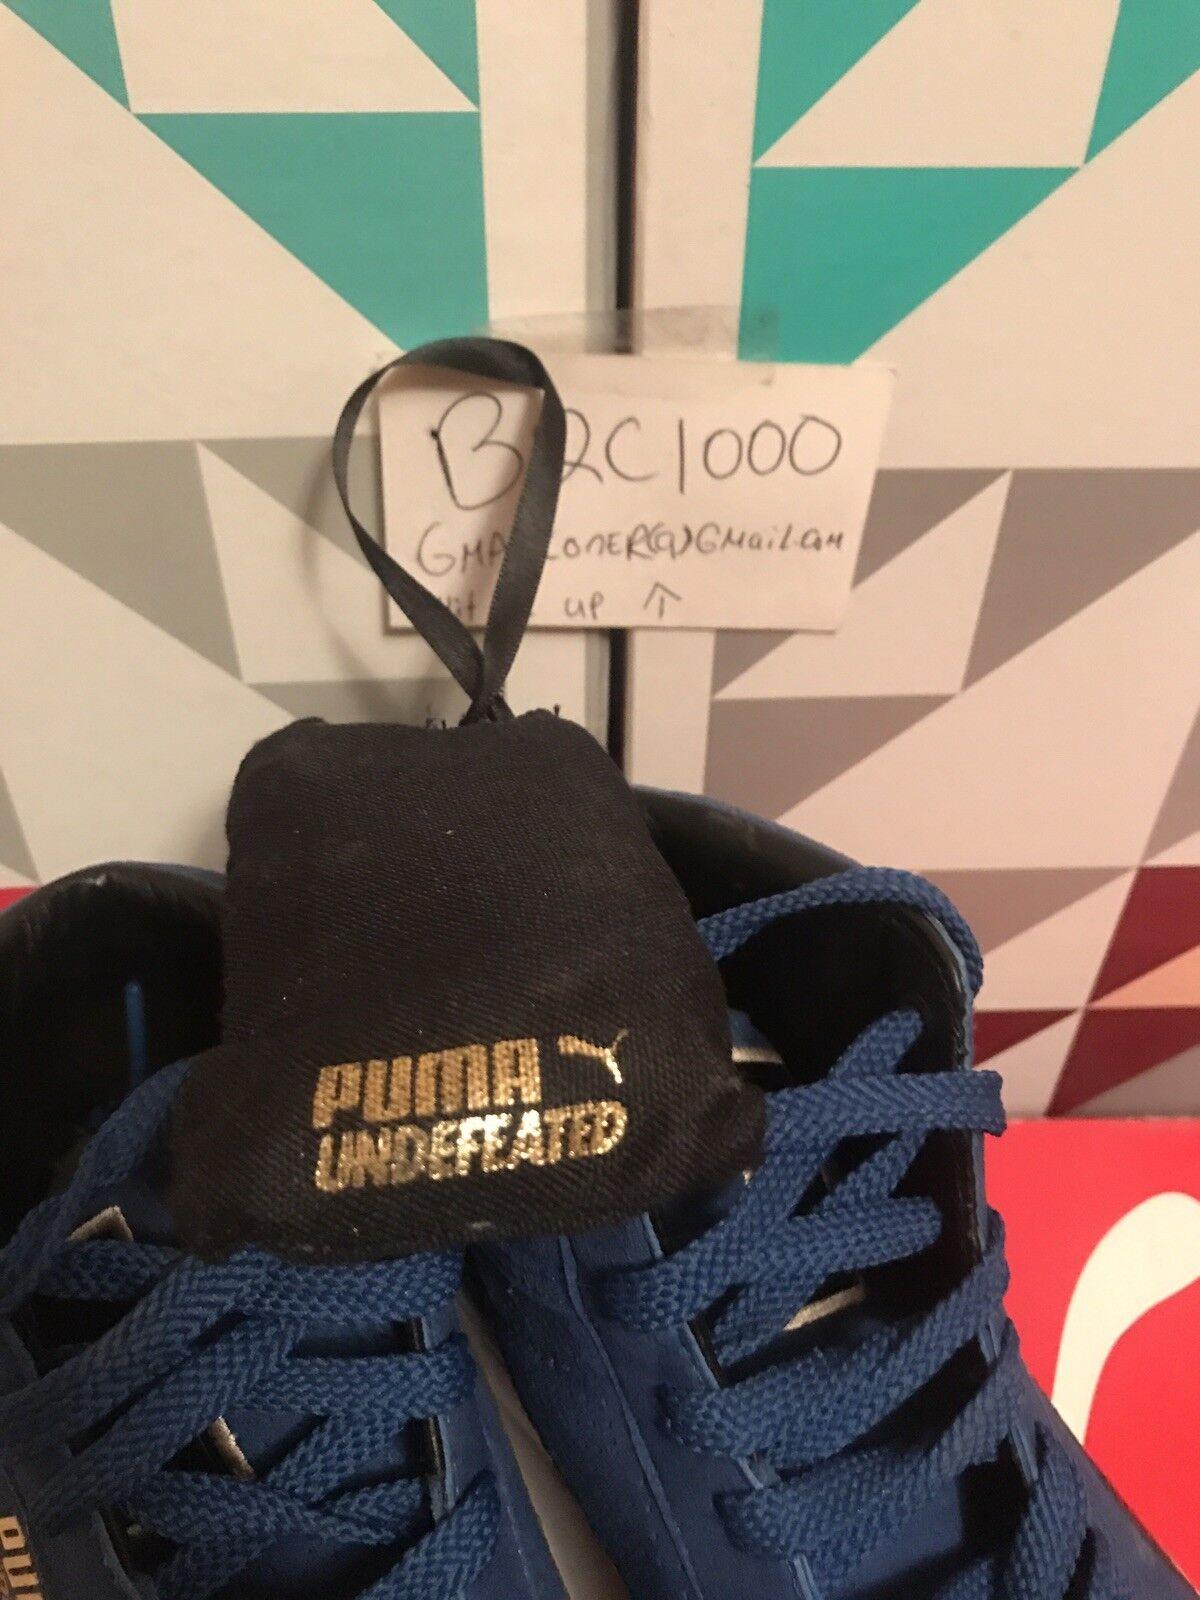 09 PUMA UNDFTD MID UNDEFEATED 24K oro PACK ROYAL blu blu blu bianca nero 348216-04 9.5 7b98da